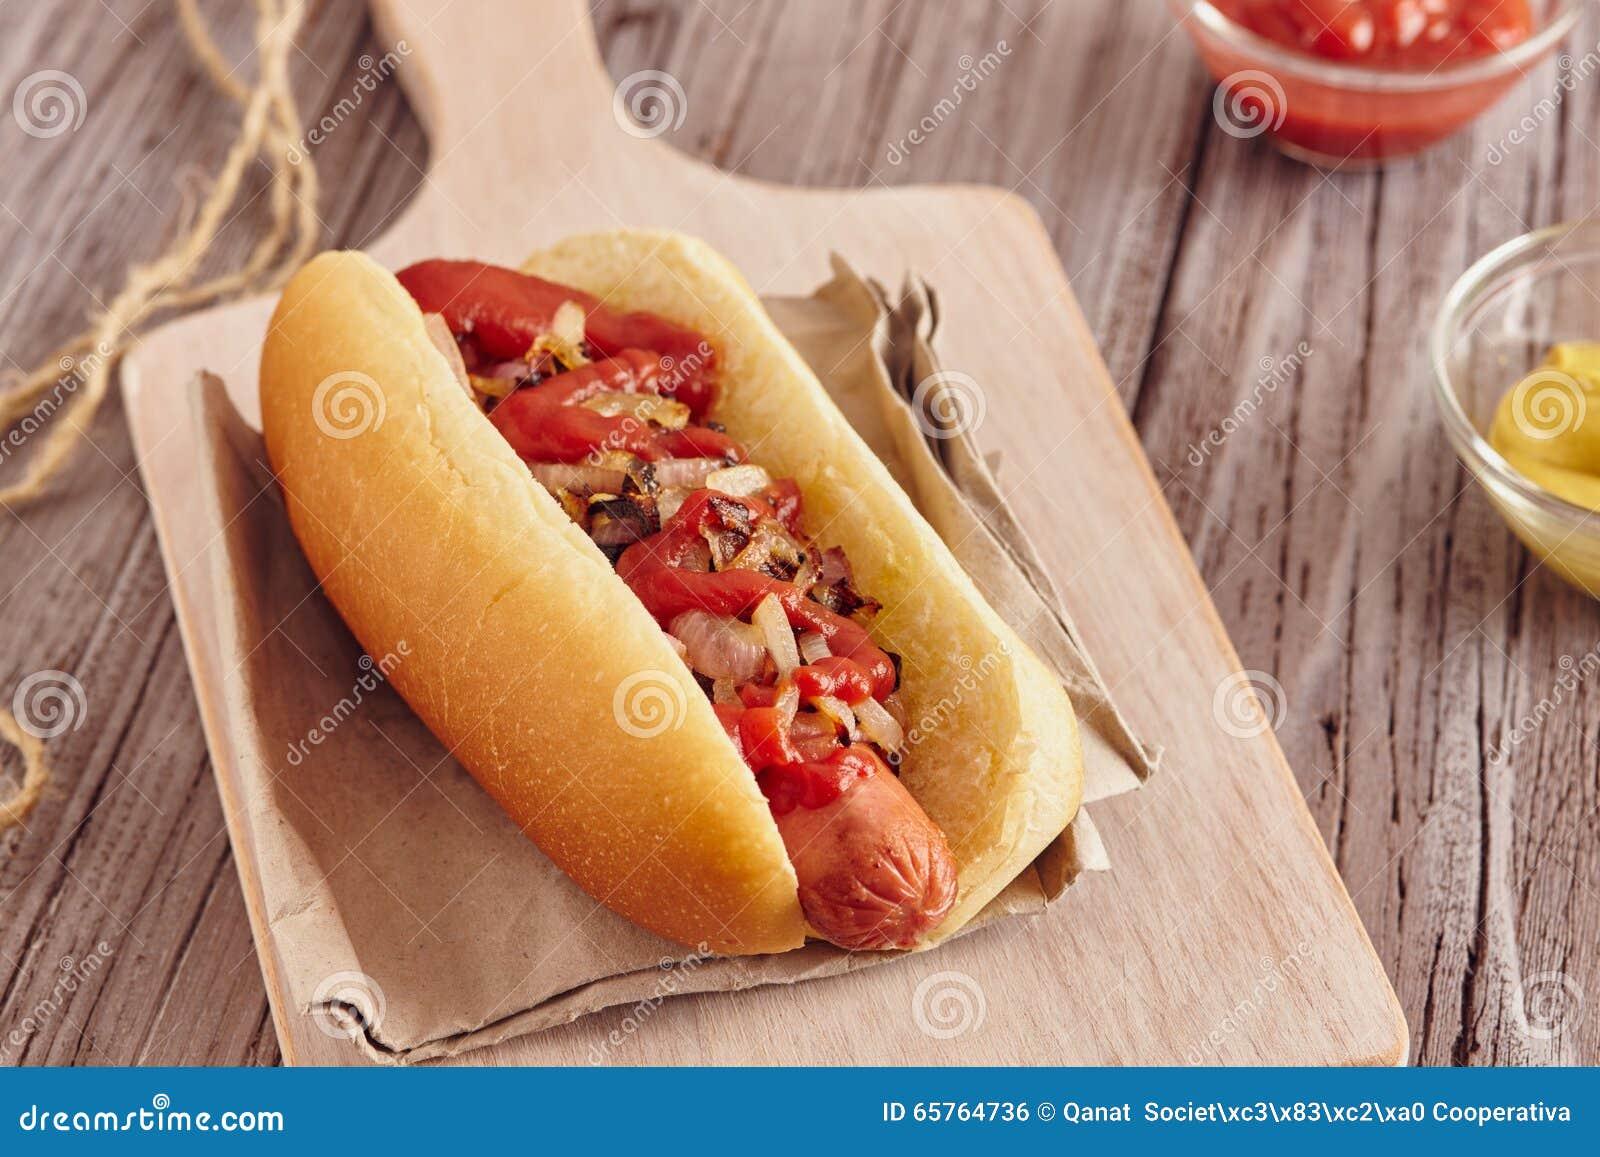 Honey Mustard And Ketchup On Hot Dog